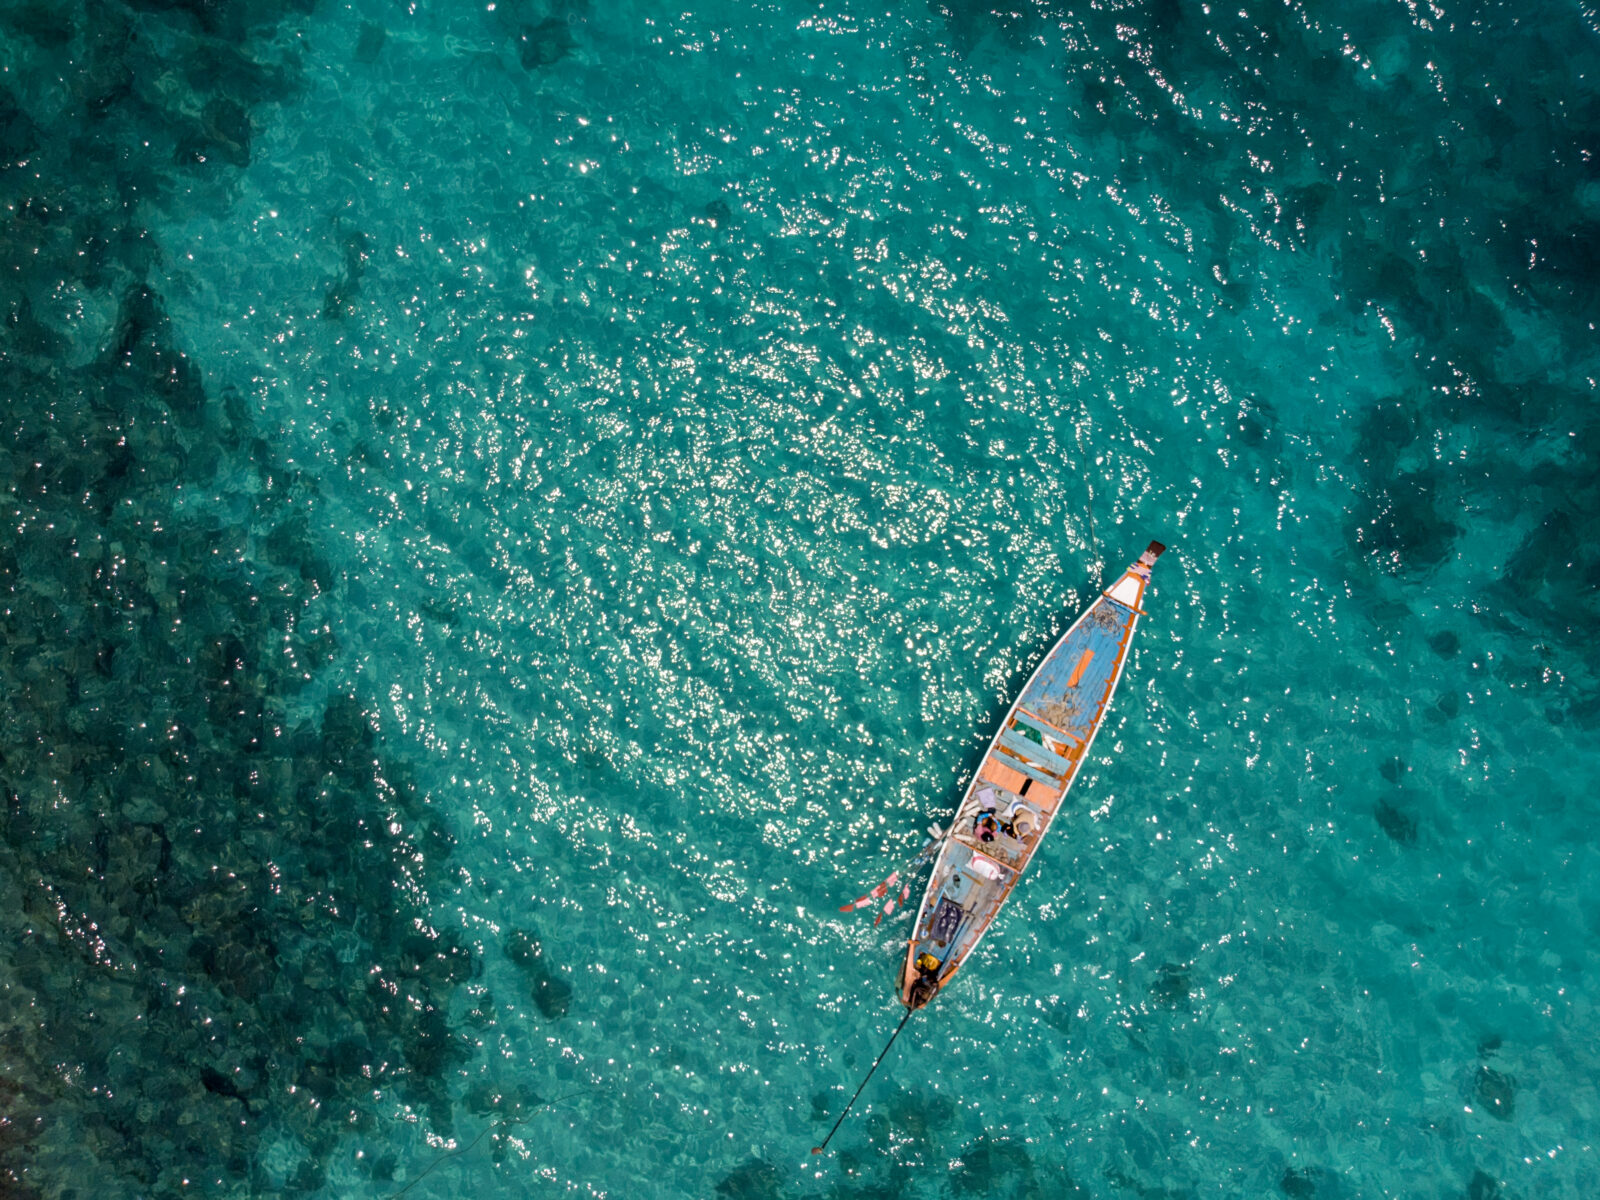 Thailand, Fiske, Småskaligt, Traditionellt, Tropiskt, Båt, Fiskare, Hav, Turkost